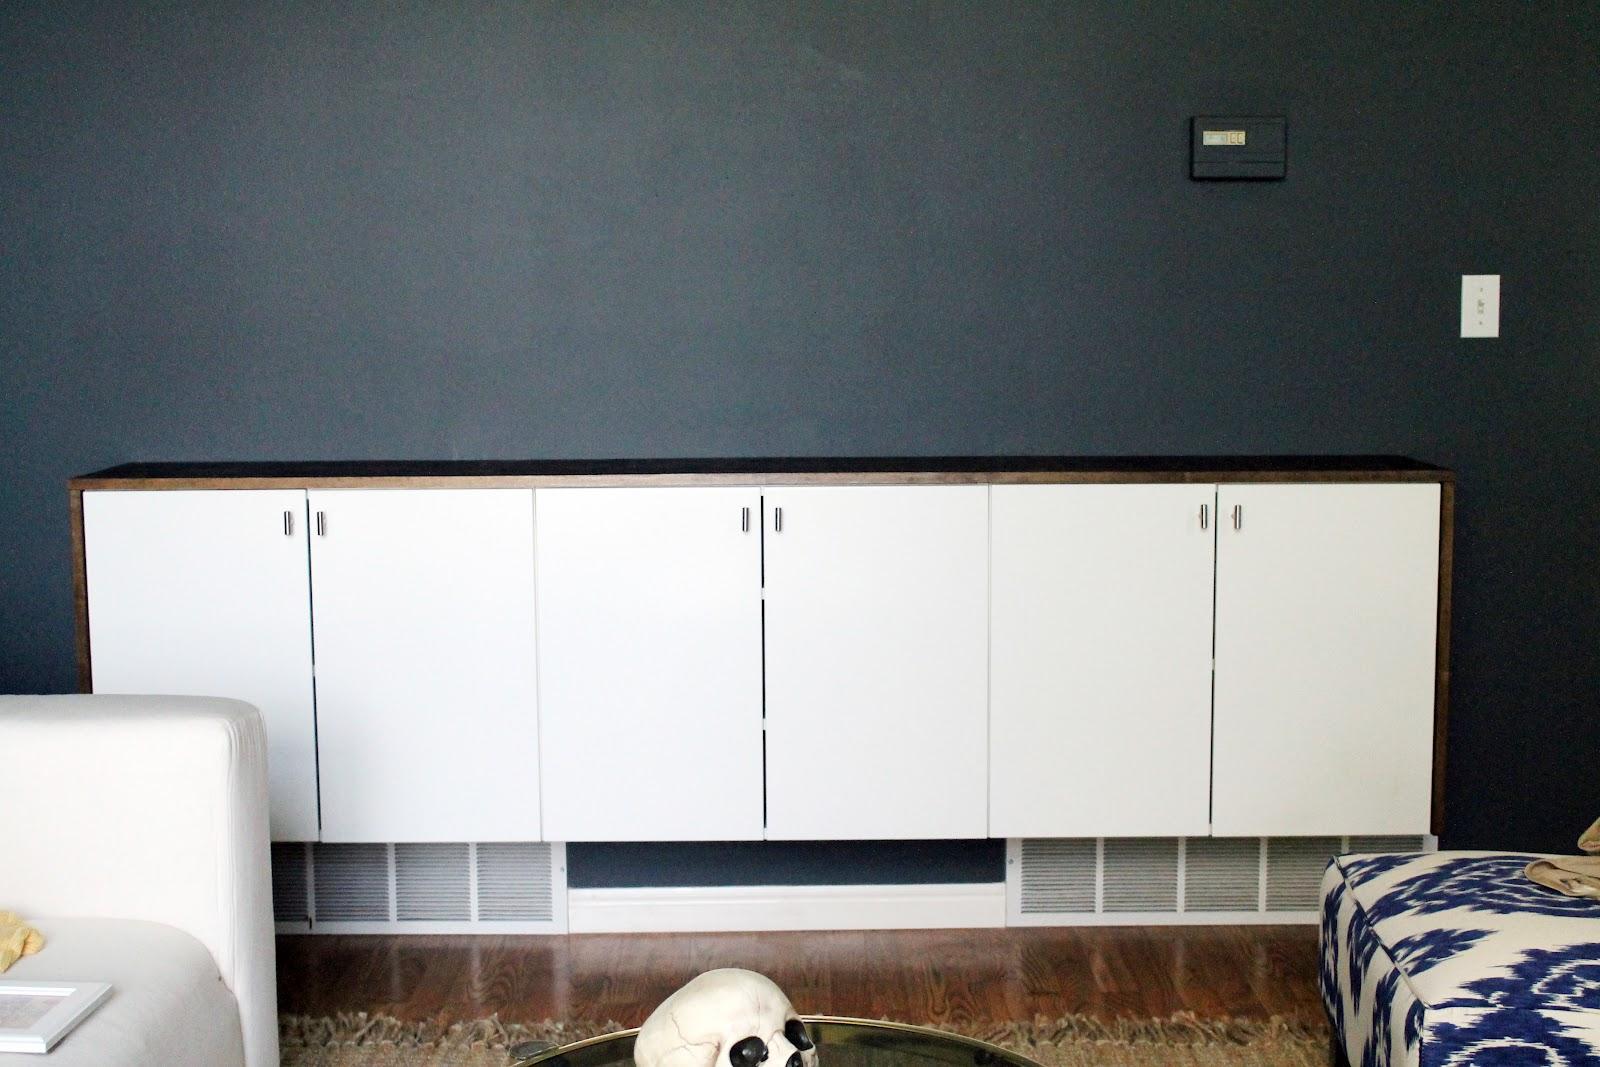 La Credenza Supplier : Martin furniture home office credenza imhe mcarthur